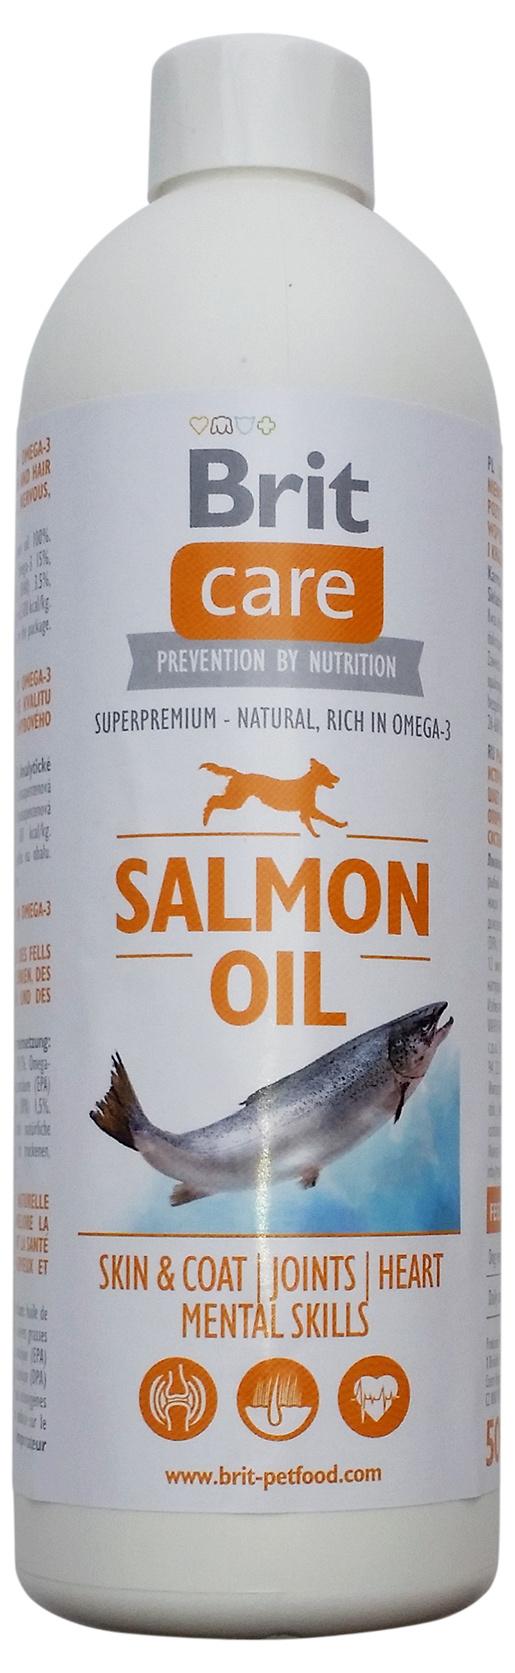 Lososový olej BRIT Care Salmon Oil 500ml